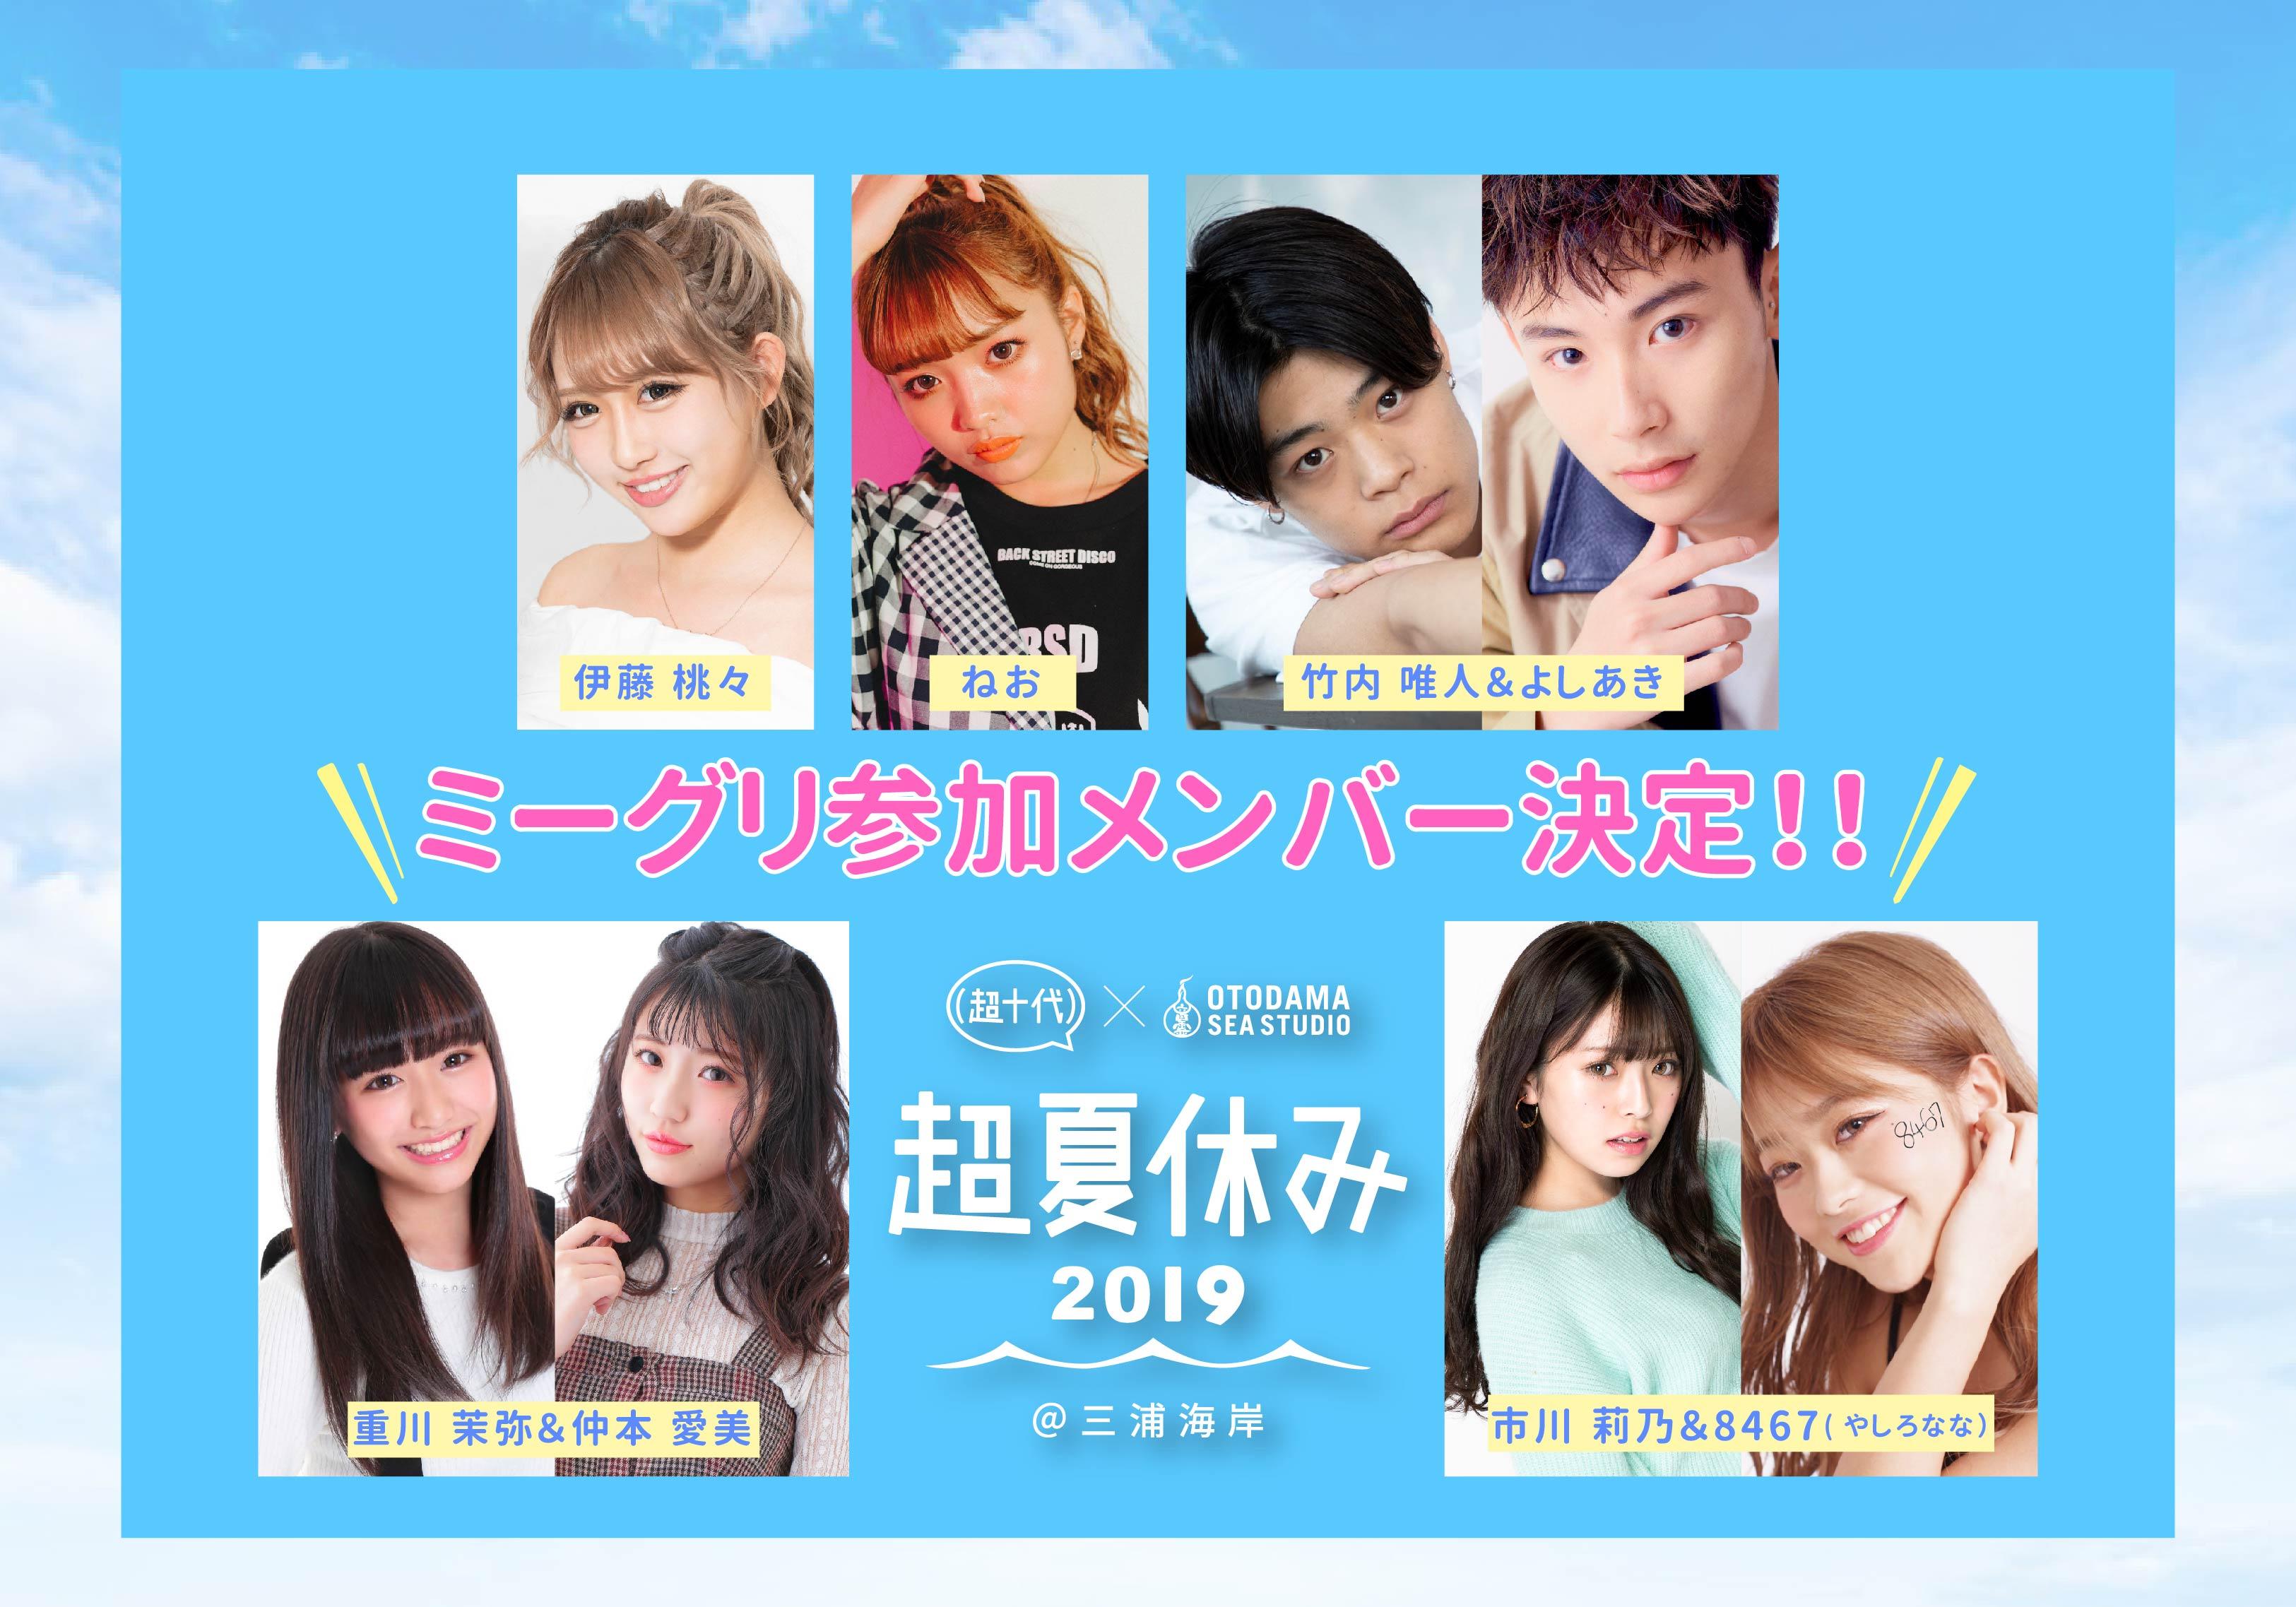 【超夏休み2019】ミーグリ参加メンバー発表!